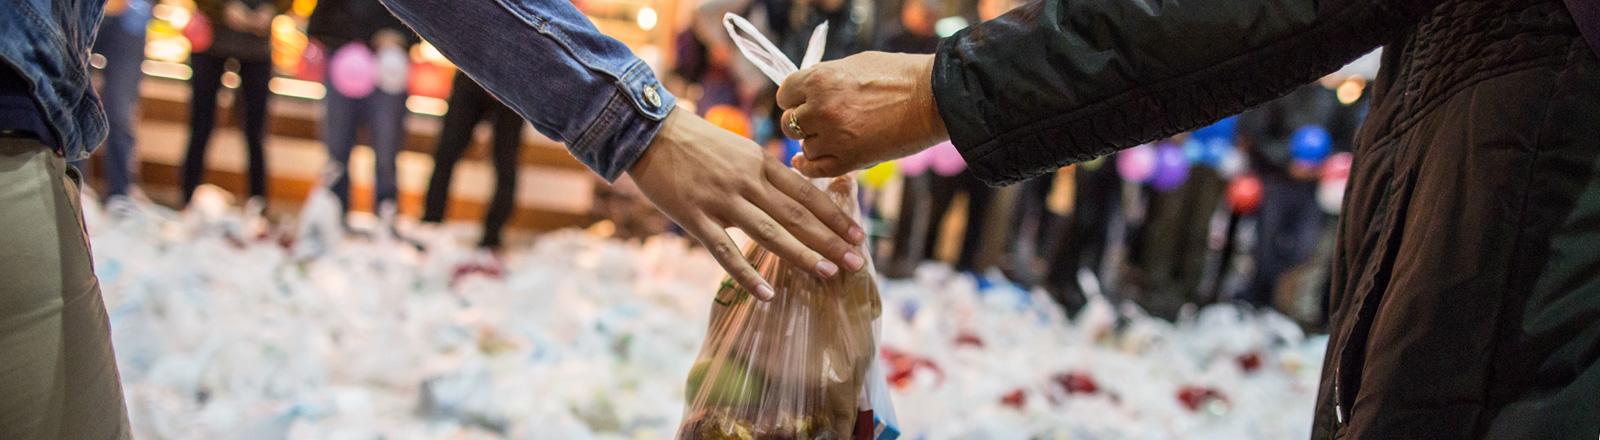 Freiwillige Helfer geben sich am 05.09.2015 in Frankfurt am Main im Hauptbahnhof selbst gepackte Tüten mit Lebensmitteln und Getränken weiter; Foto: dpa